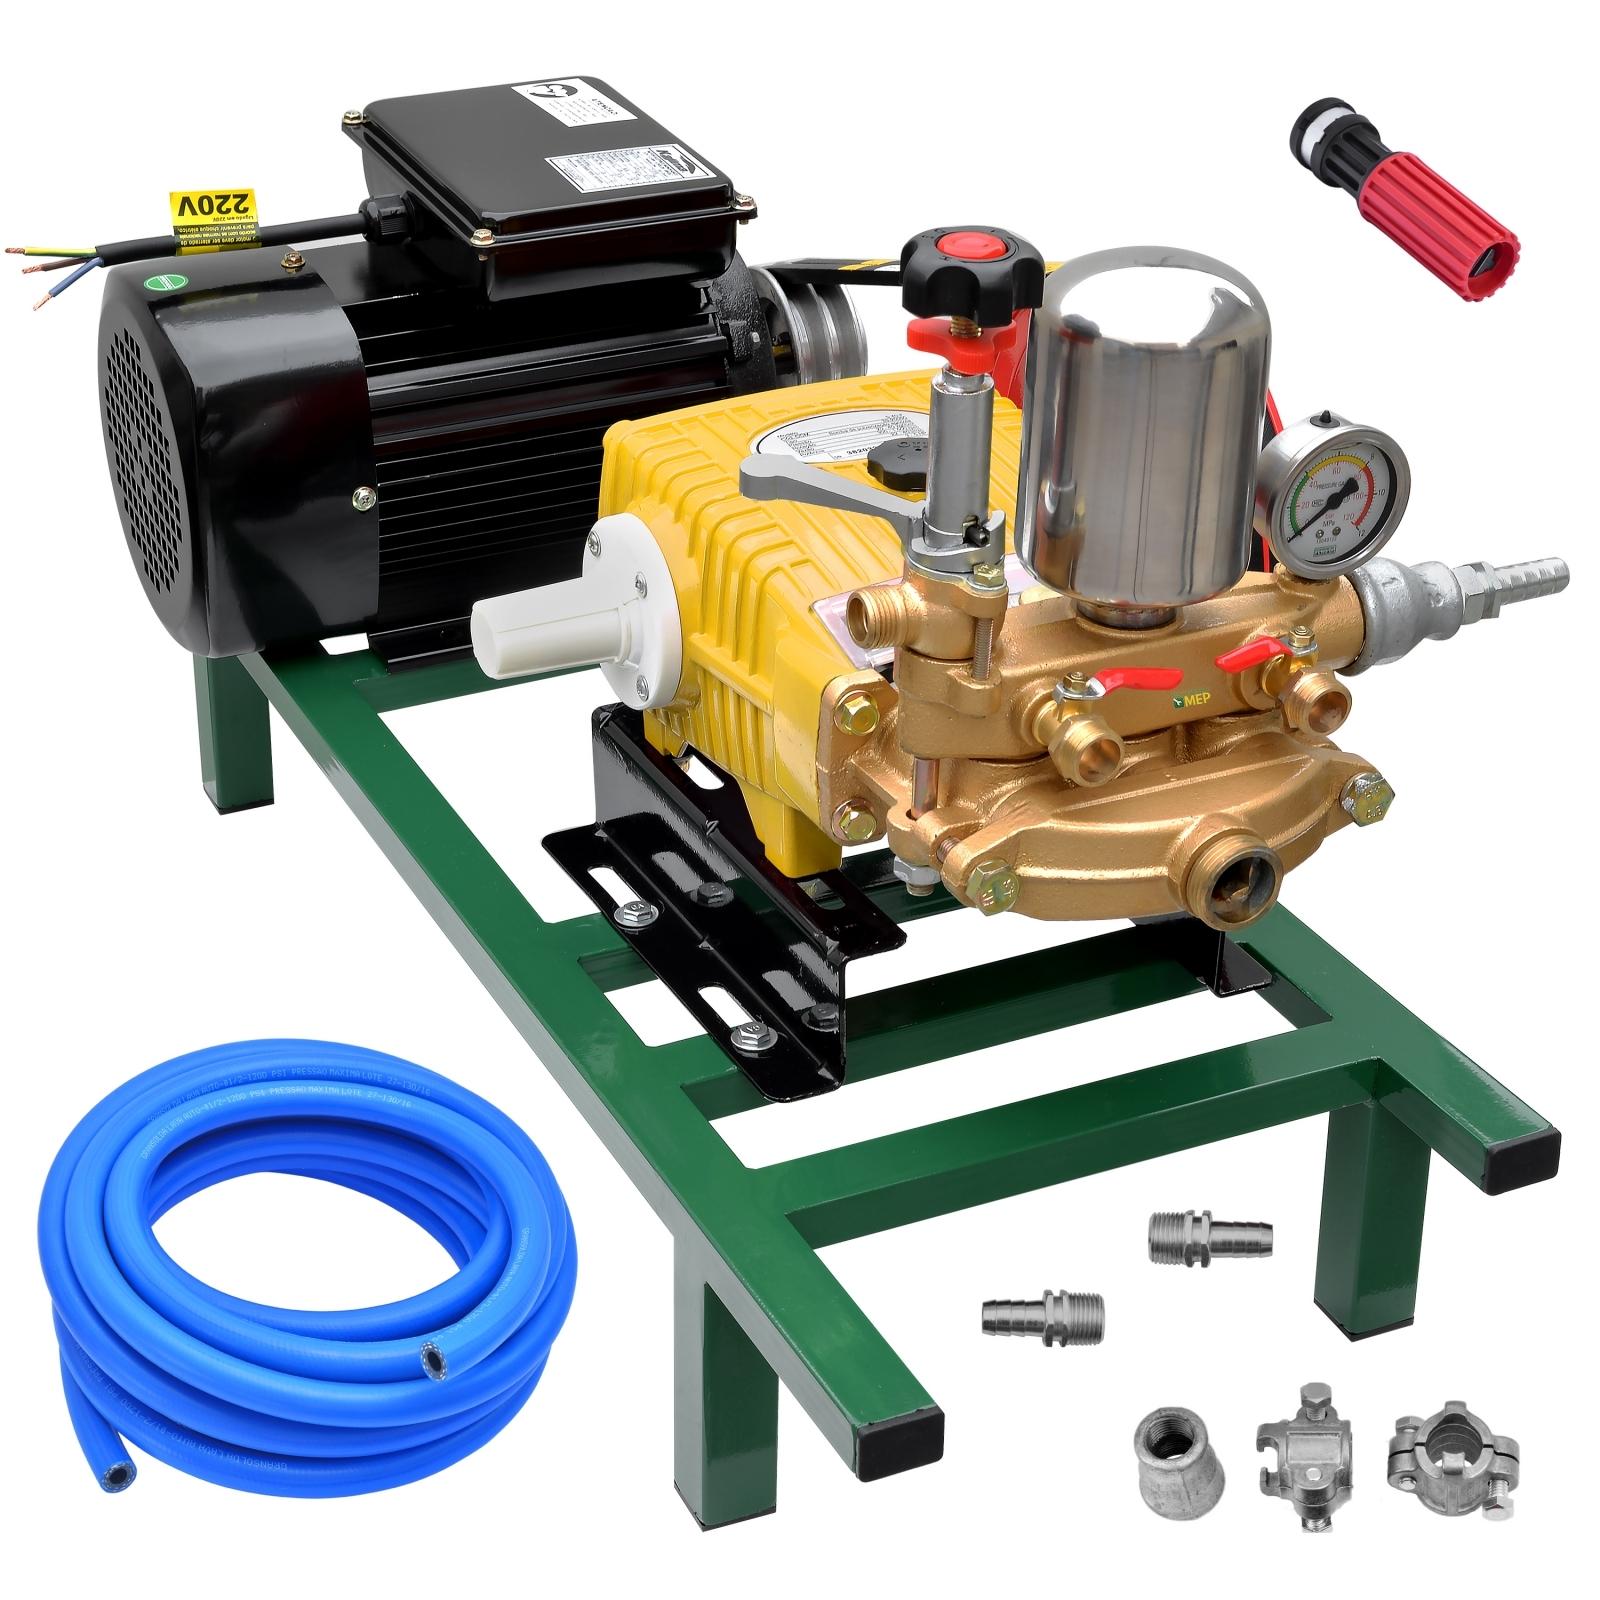 Bomba De Alta Pressão E Pulverização Matsuyama 22 + Motor marca Lynus 2cv 4p Lavacar Completa - Ferramentas MEP